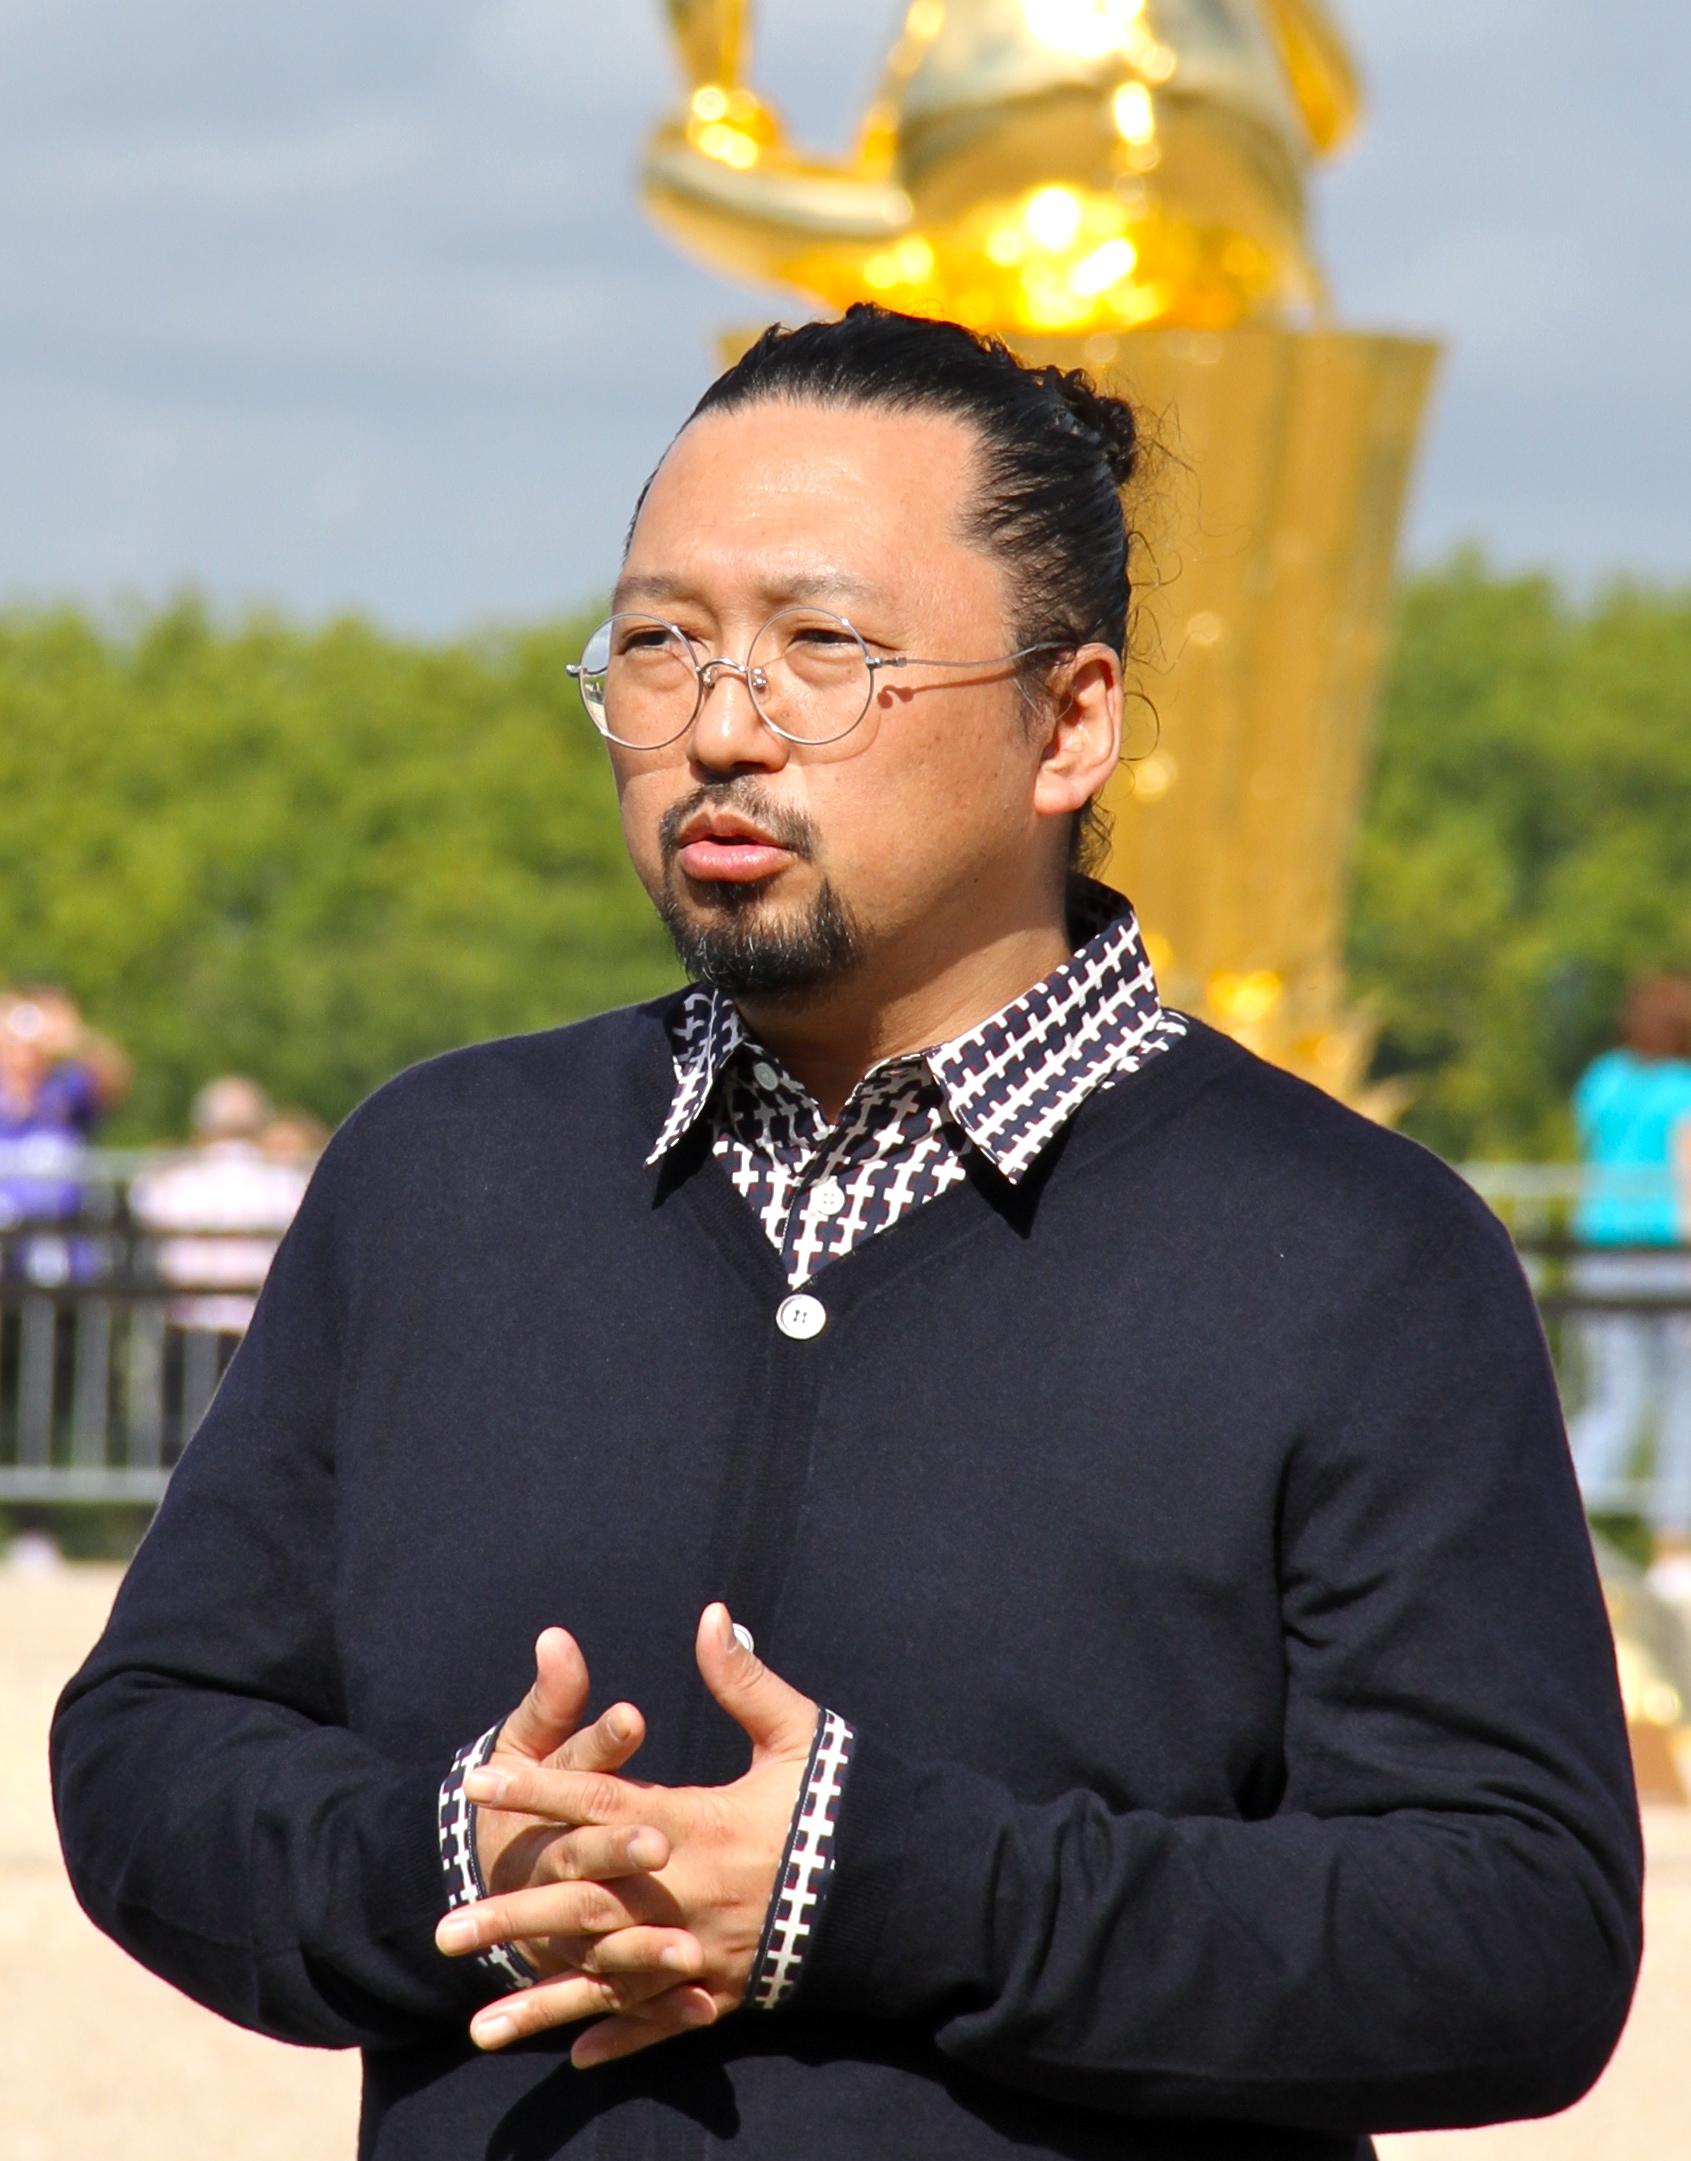 Murakami at the Palace of Versailles 2010